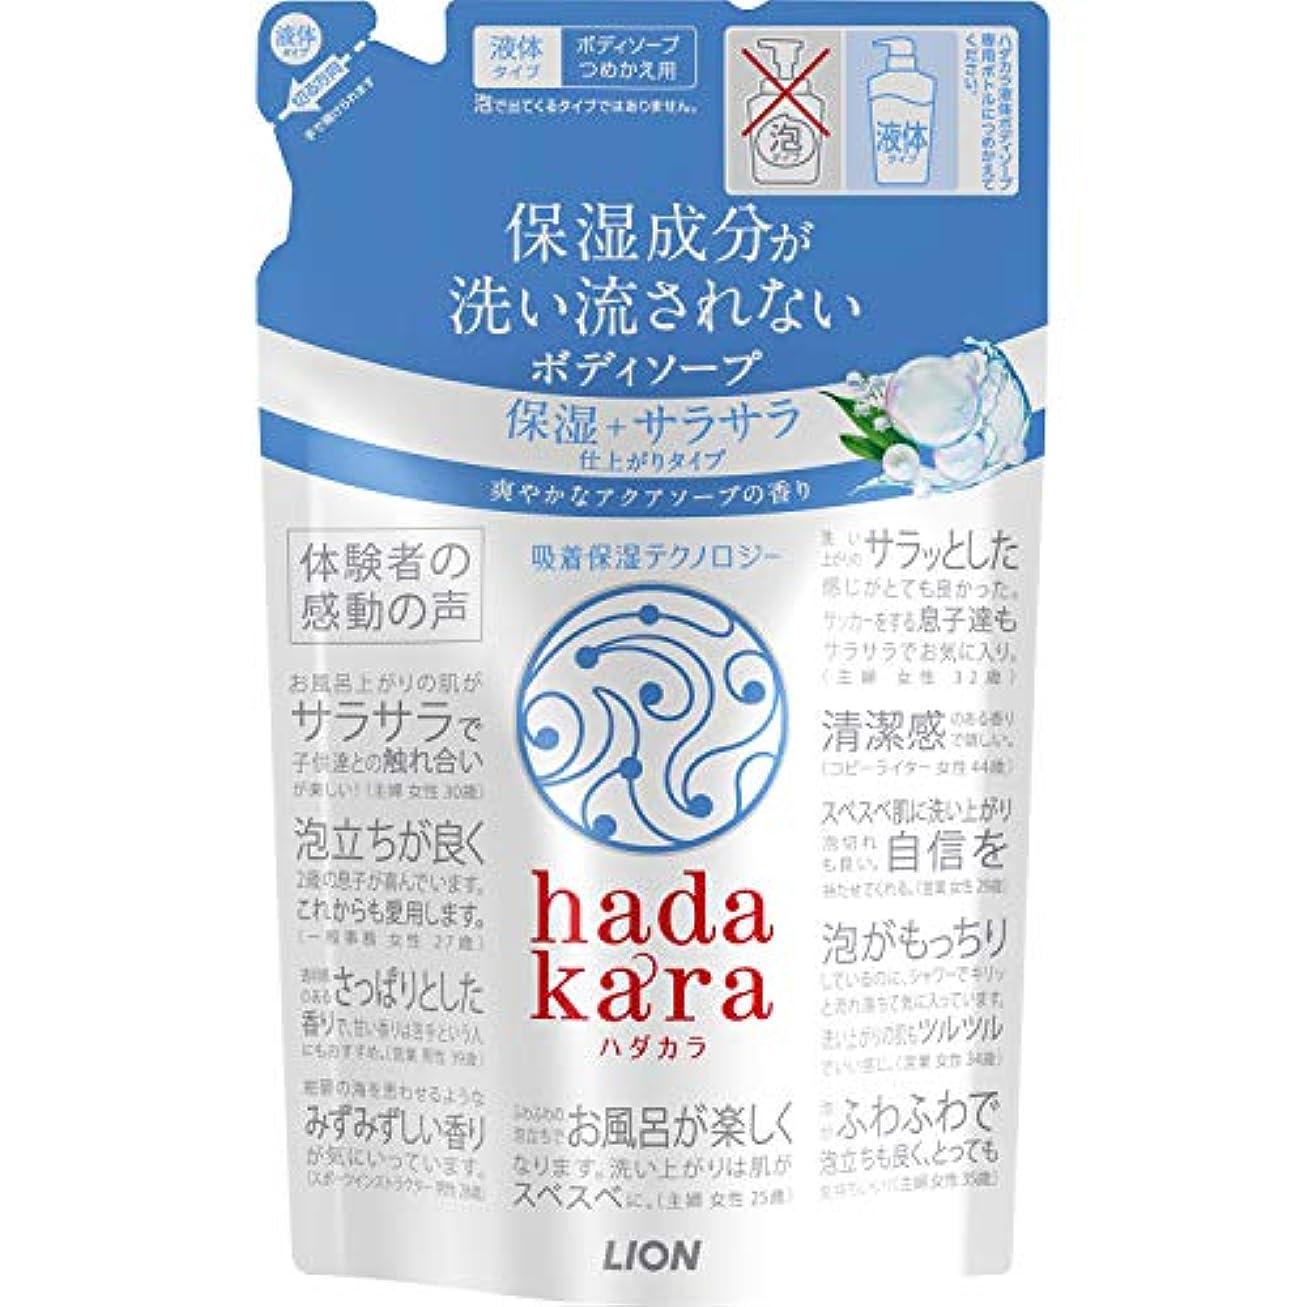 細胞一定解説hadakara(ハダカラ) ボディソープ 保湿+サラサラ仕上がりタイプ アクアソープの香り 詰め替え 340ml